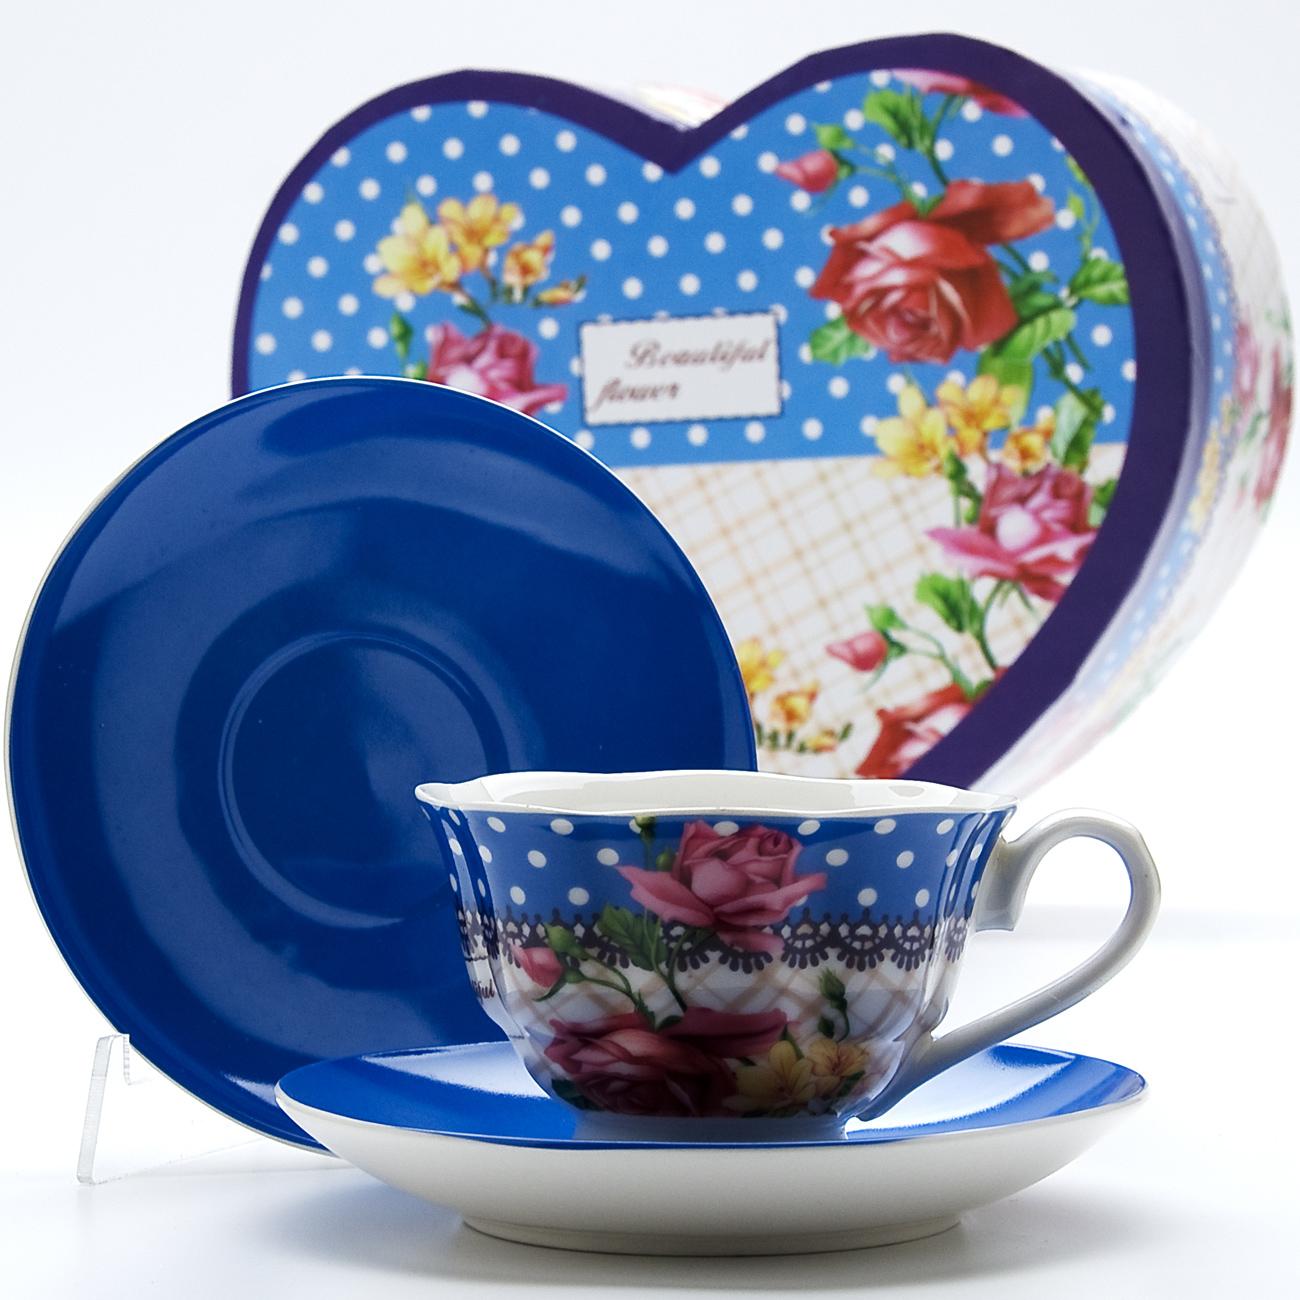 Чайная пара Mayer & Boch Букет, 4 предметаDL-RF6-176Чайный набор выполнен из высококачественного костяного фарфора и состоит из двух чашек, украшенных рисунком, и двух ярких цветных блюдец. Чашки имеют рельефную поверхность.Чайный набор упакован в подарочную коробку в форме сердца из плотного цветного картона. Объем чашки: 200 мл.